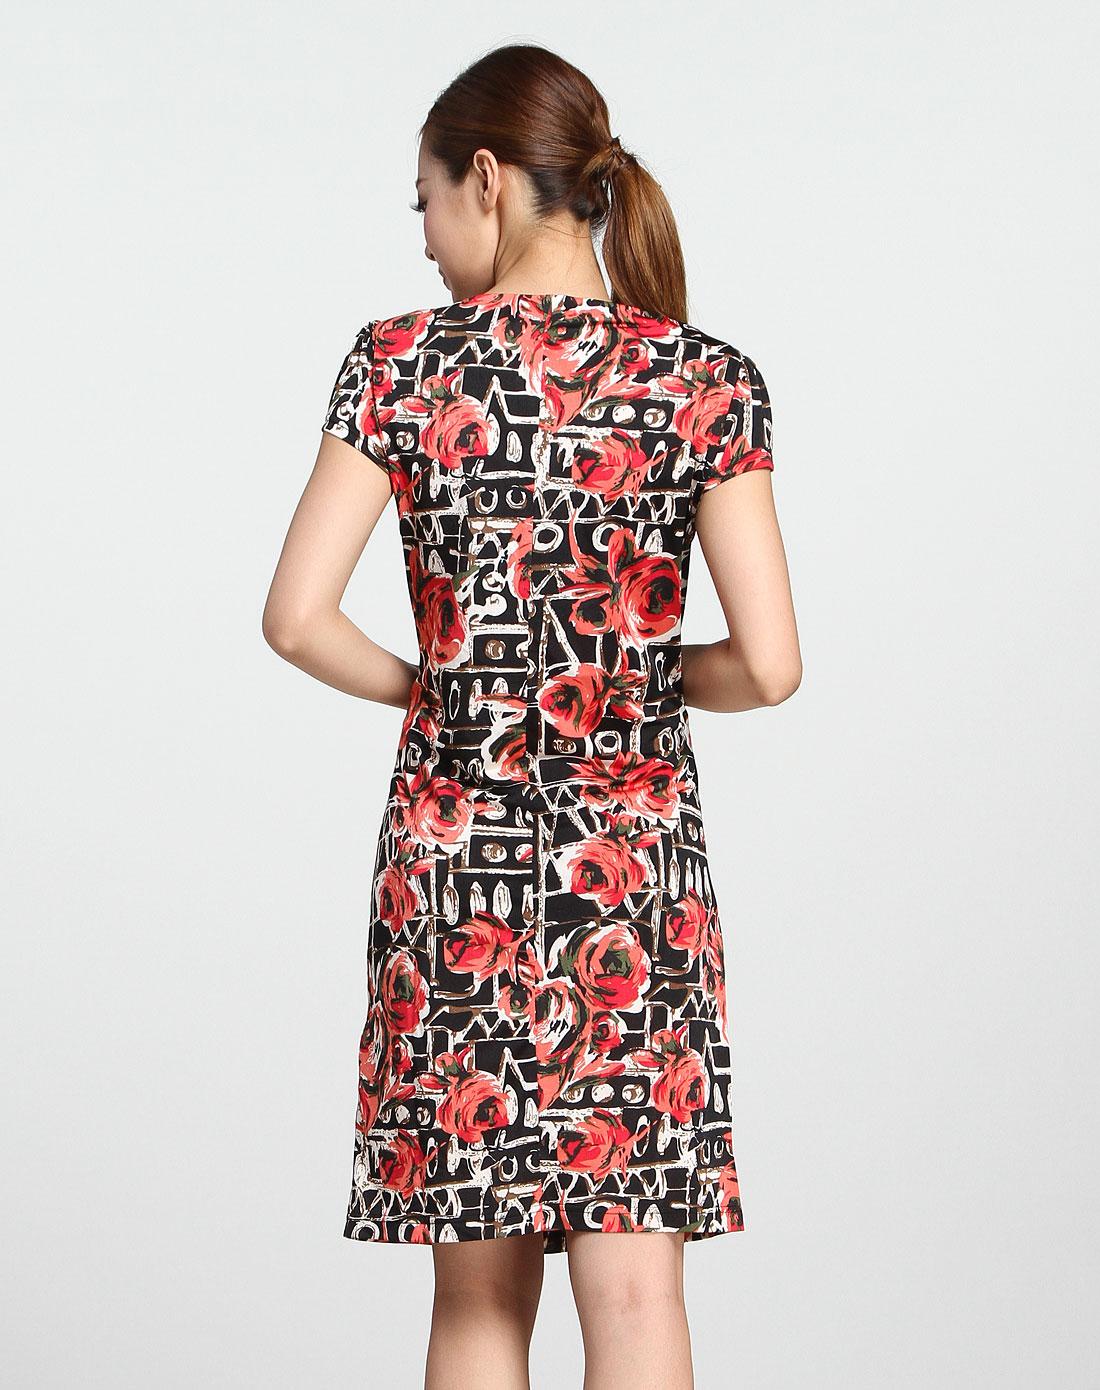 玫瑰花纹红黑色短袖连衣裙